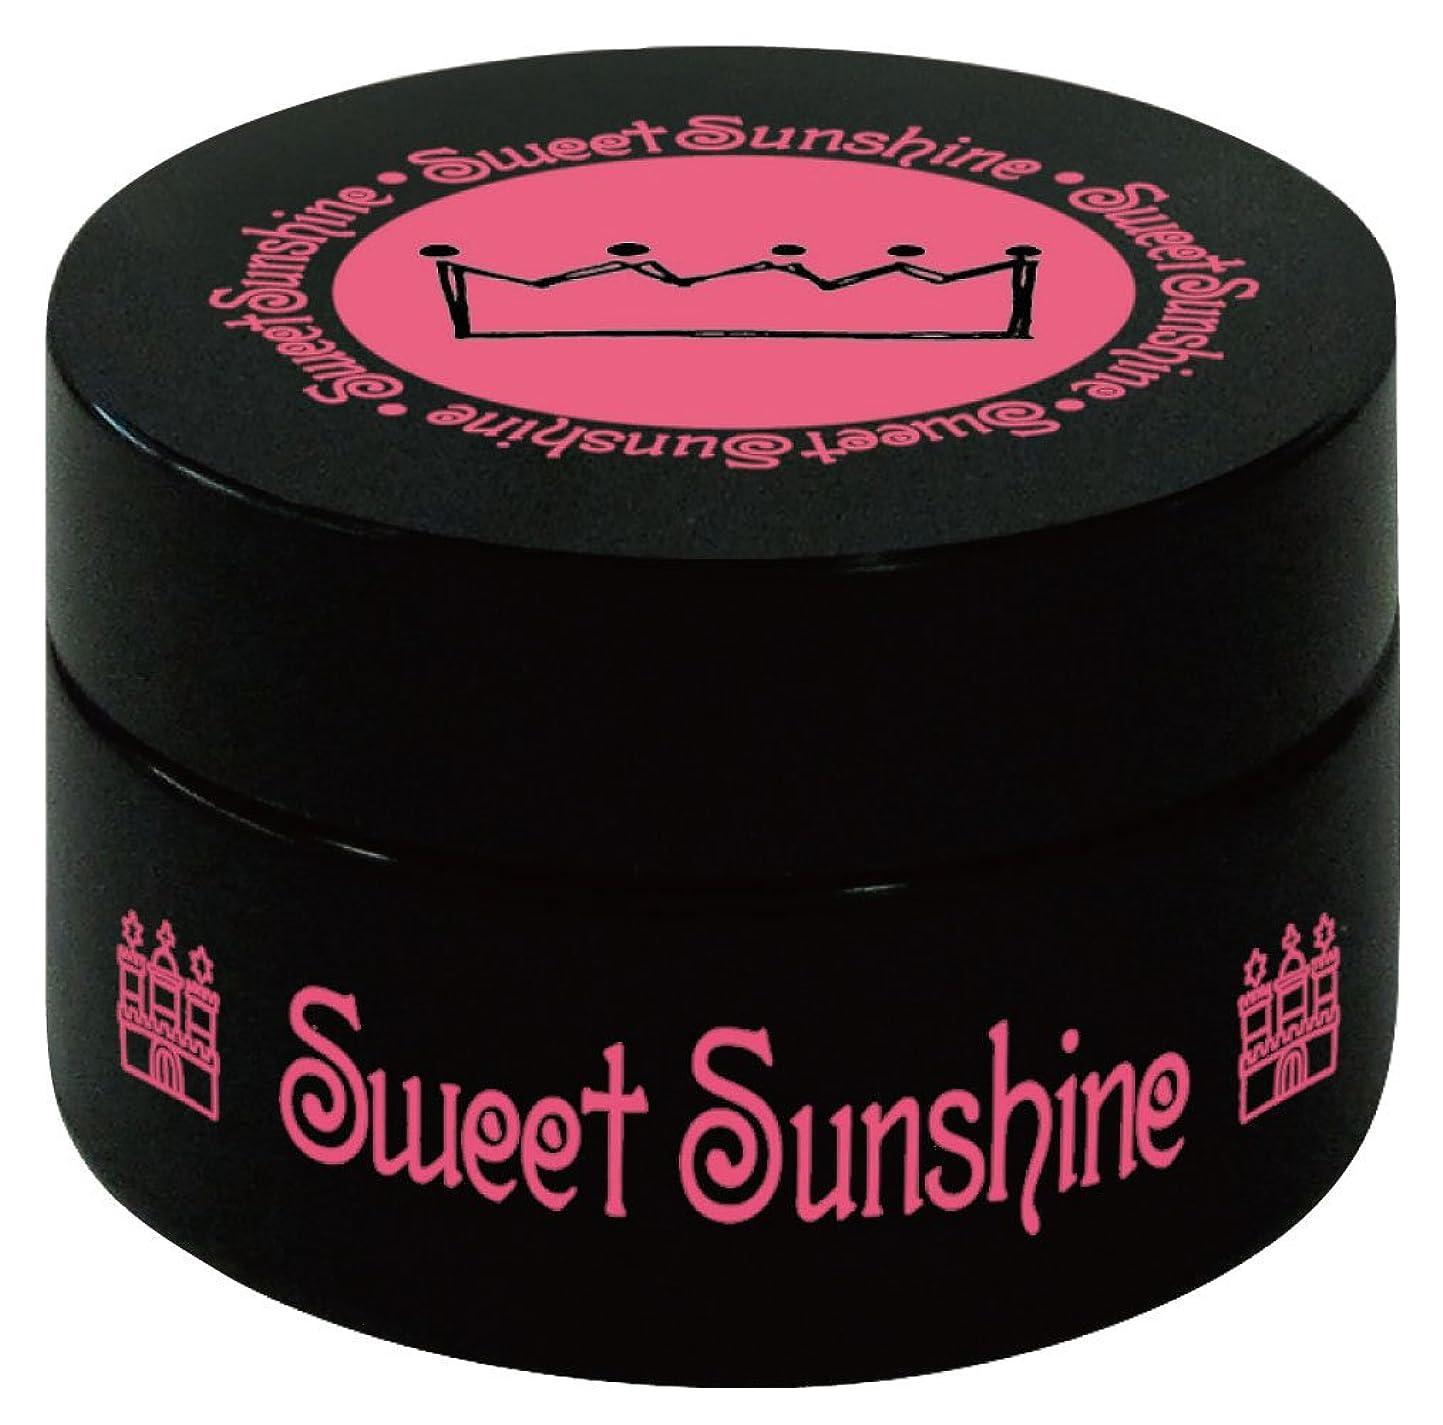 ラフト敵不道徳最速硬化LED対応 Sweet Sunshine スィート サンシャイン カラージェル SC-131 4g シュガーストロベリーシェイク